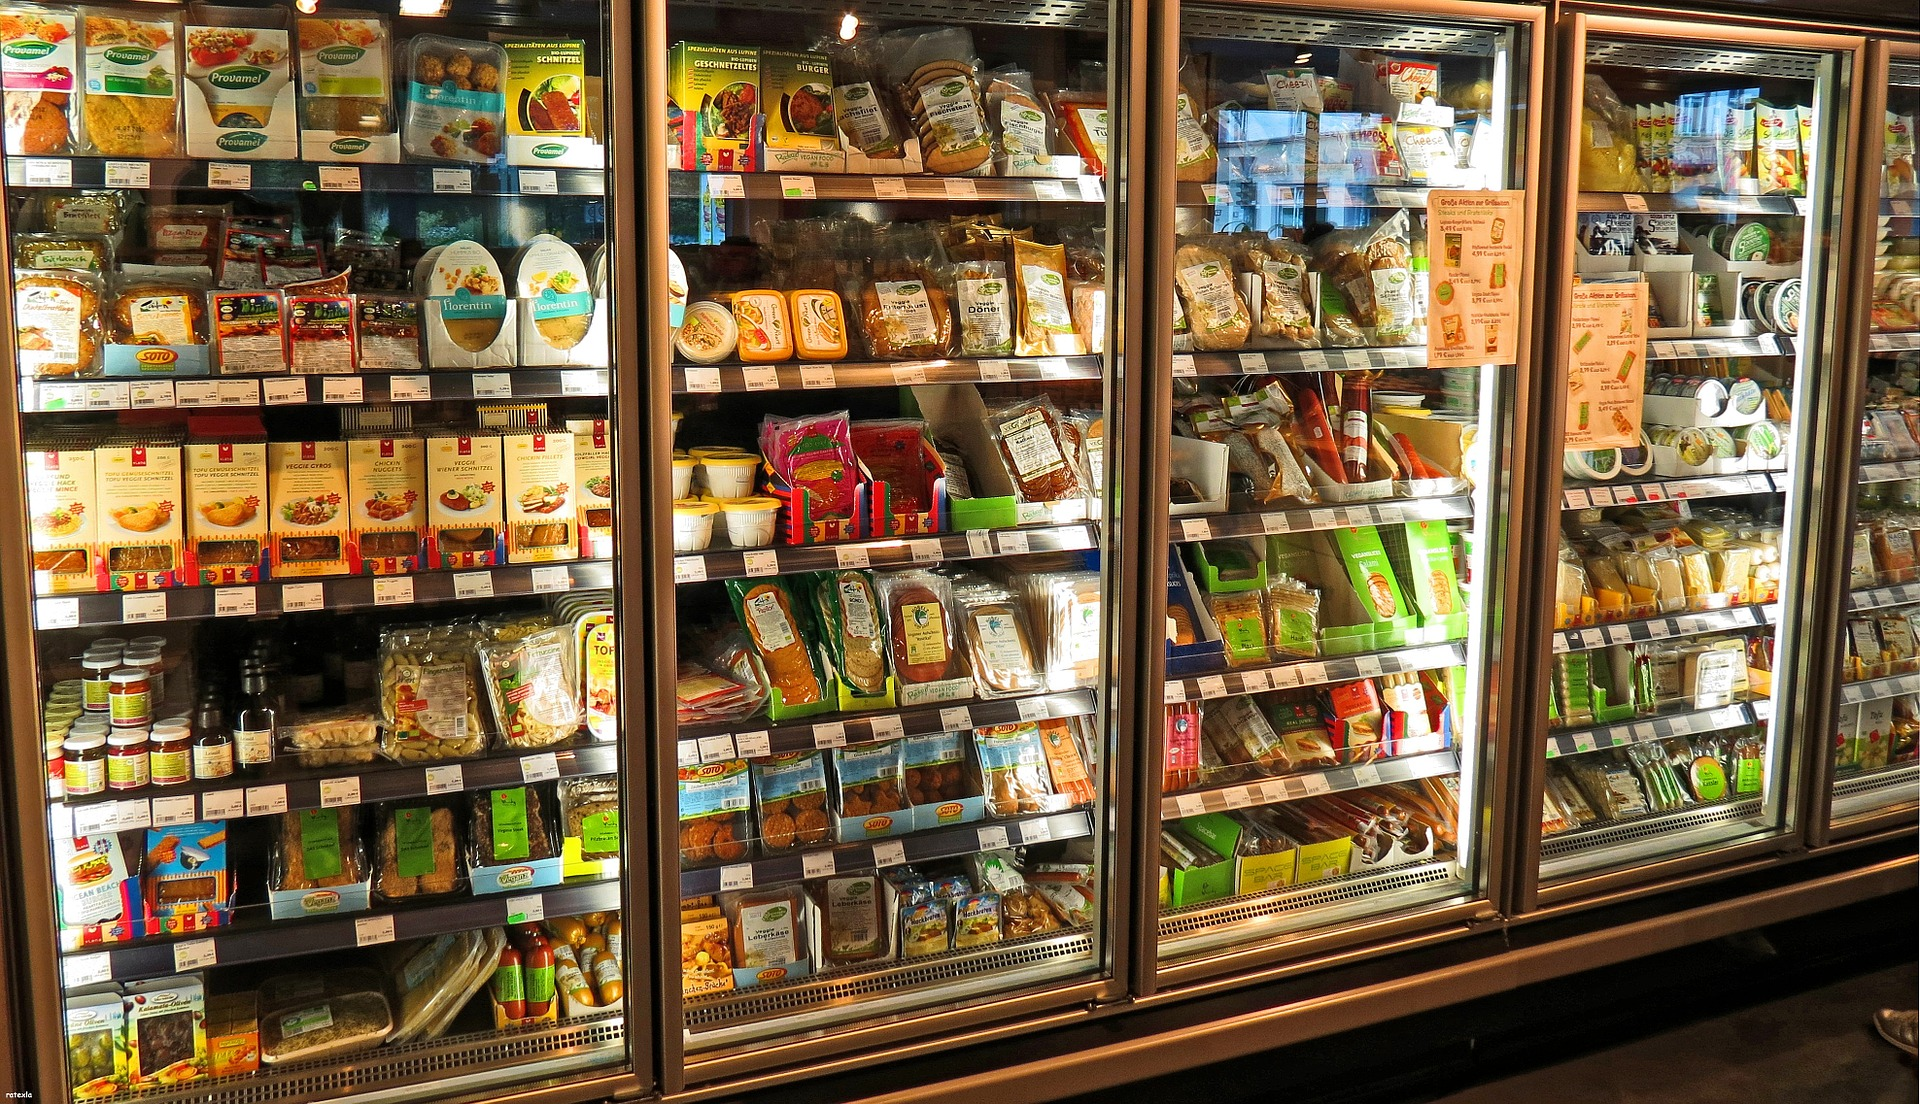 orden-alimentos-nevera Recomendaciones para mantener en orden los alimentos en la nevera